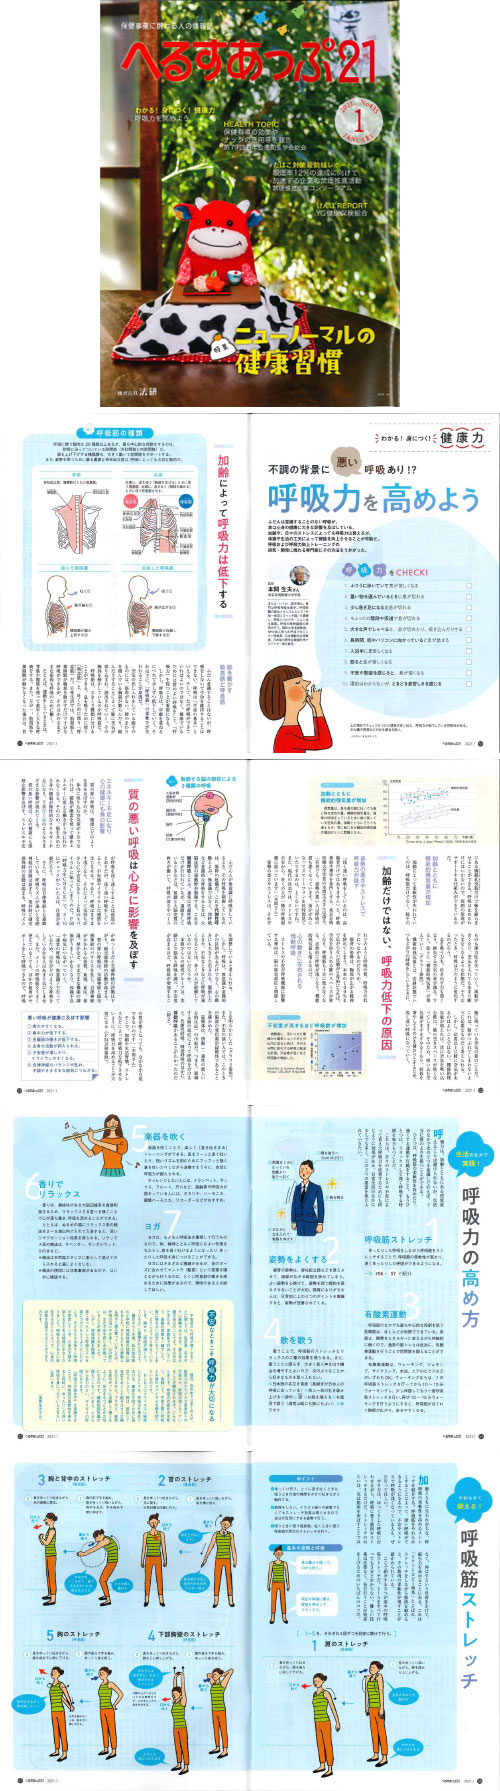 『へるすあっぷ21』1月号